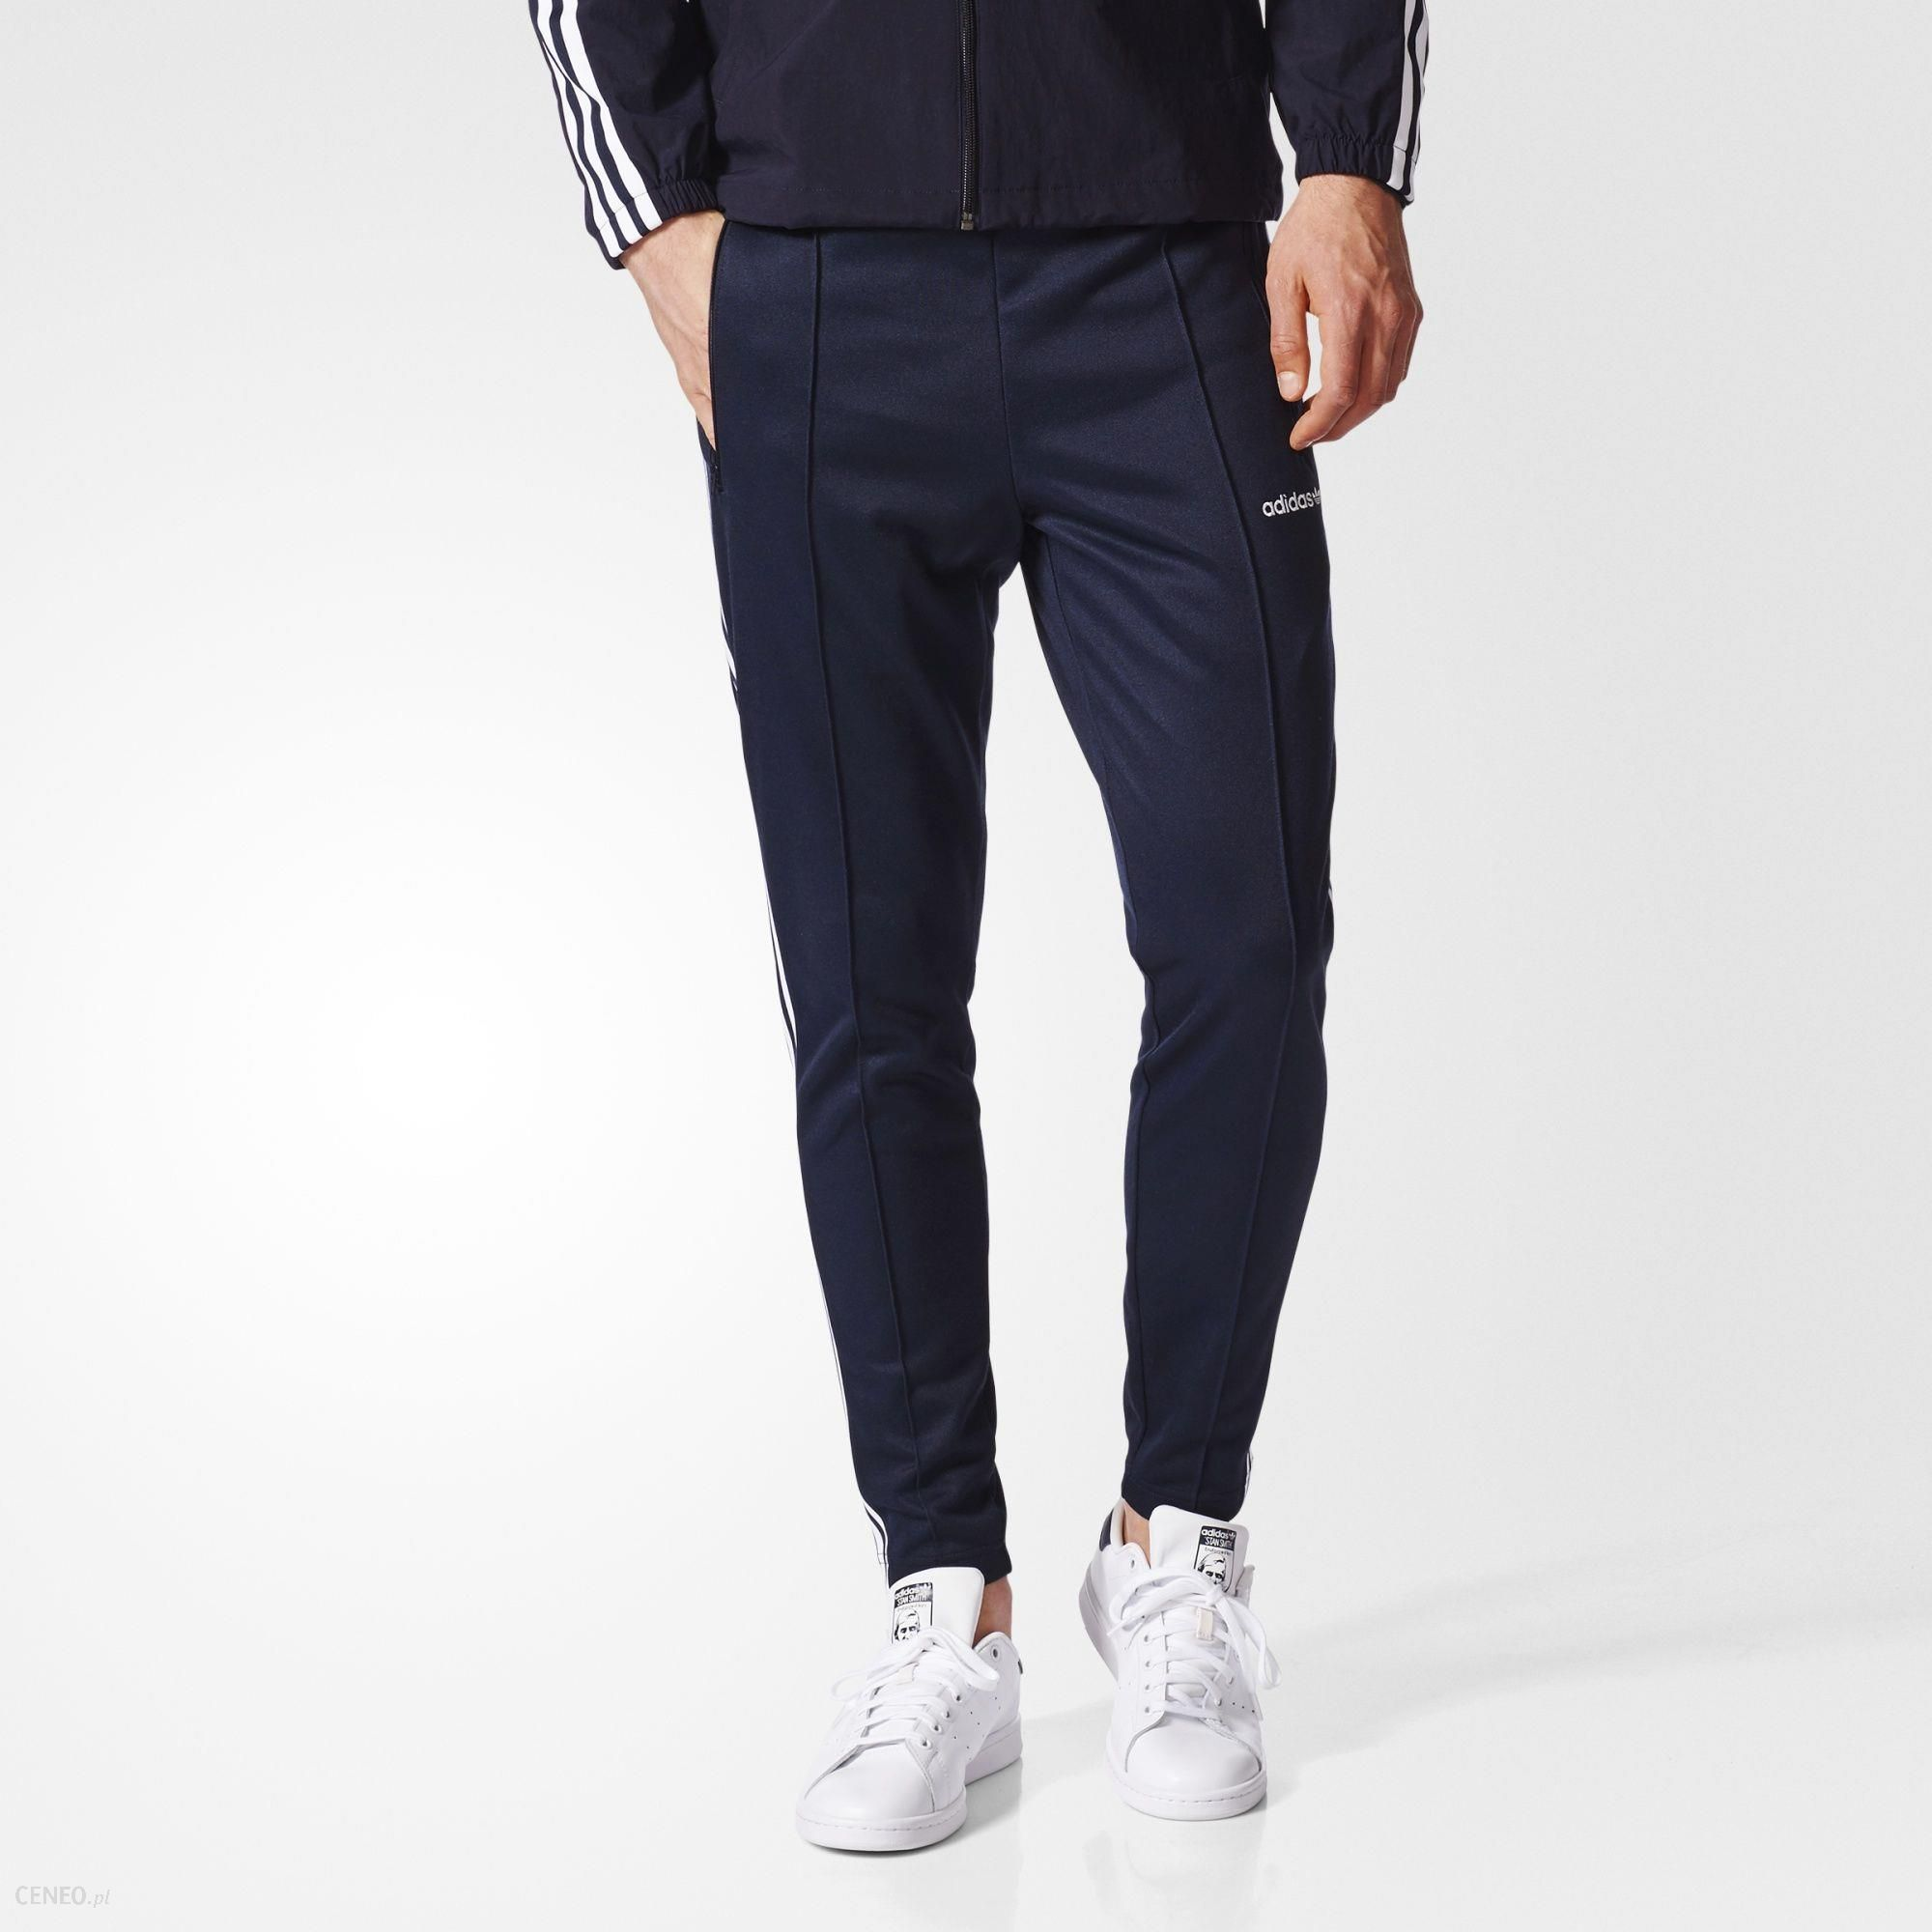 Adidas Originals BB Spodnie dresowe Niebieski L Ceny i opinie Ceneo.pl